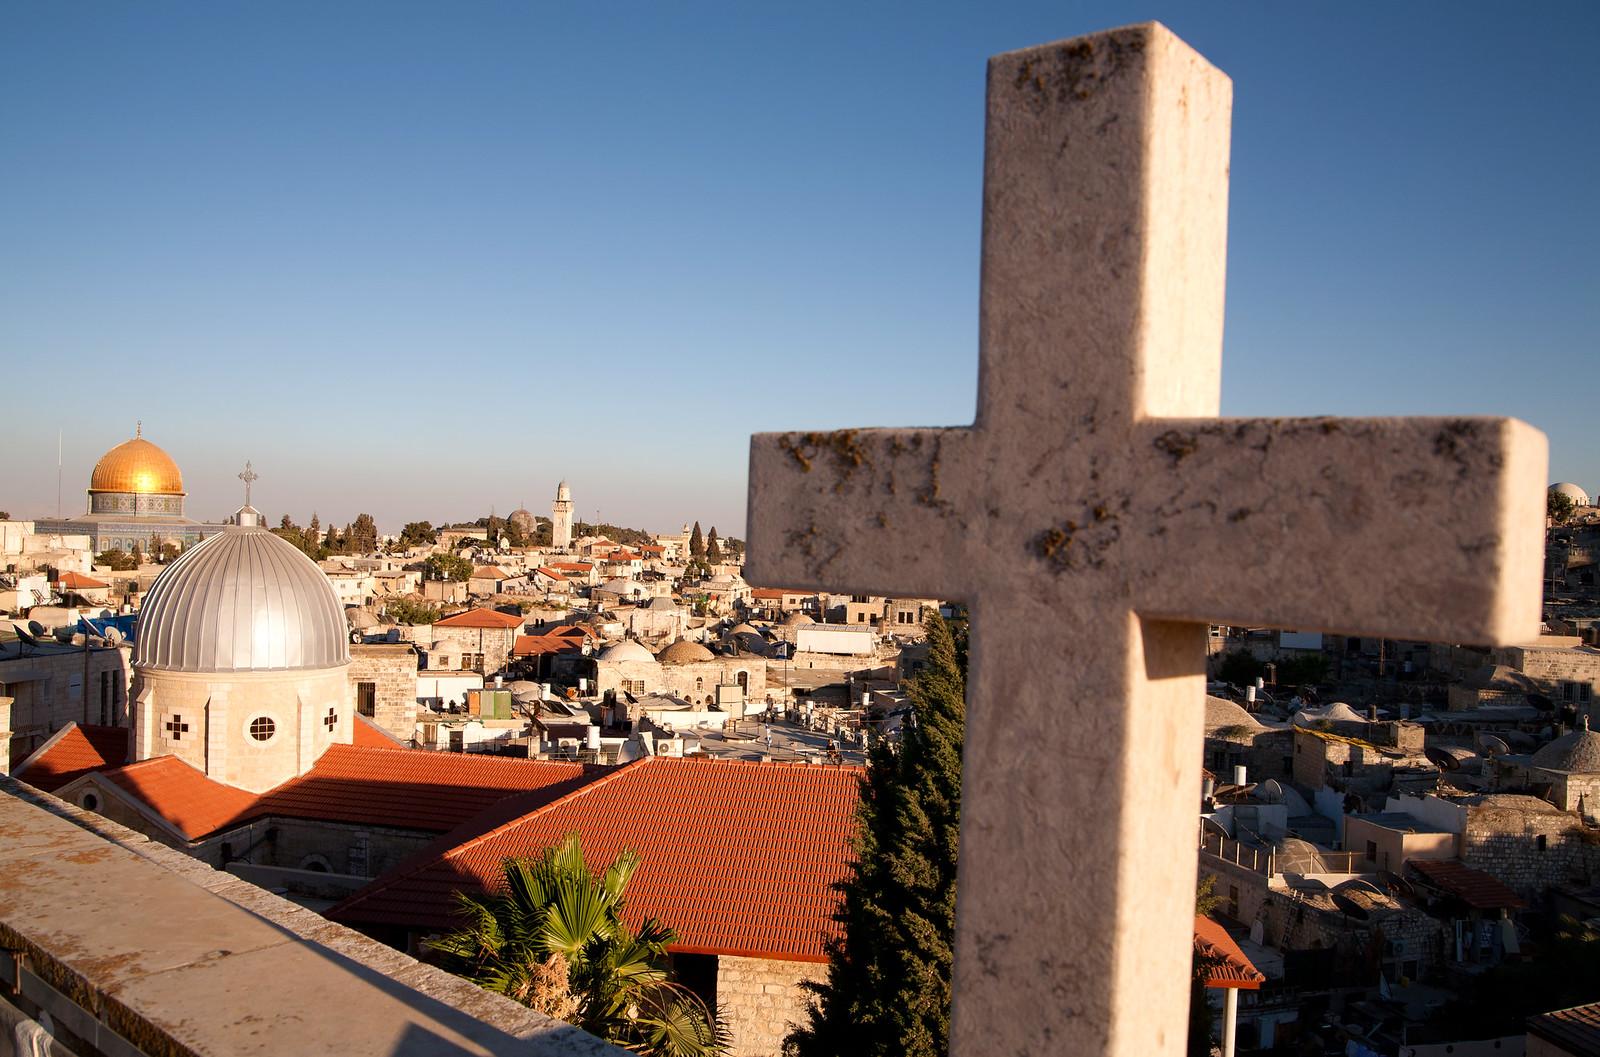 Jerusalem_Panorama_1_Noam Chen_IMOT